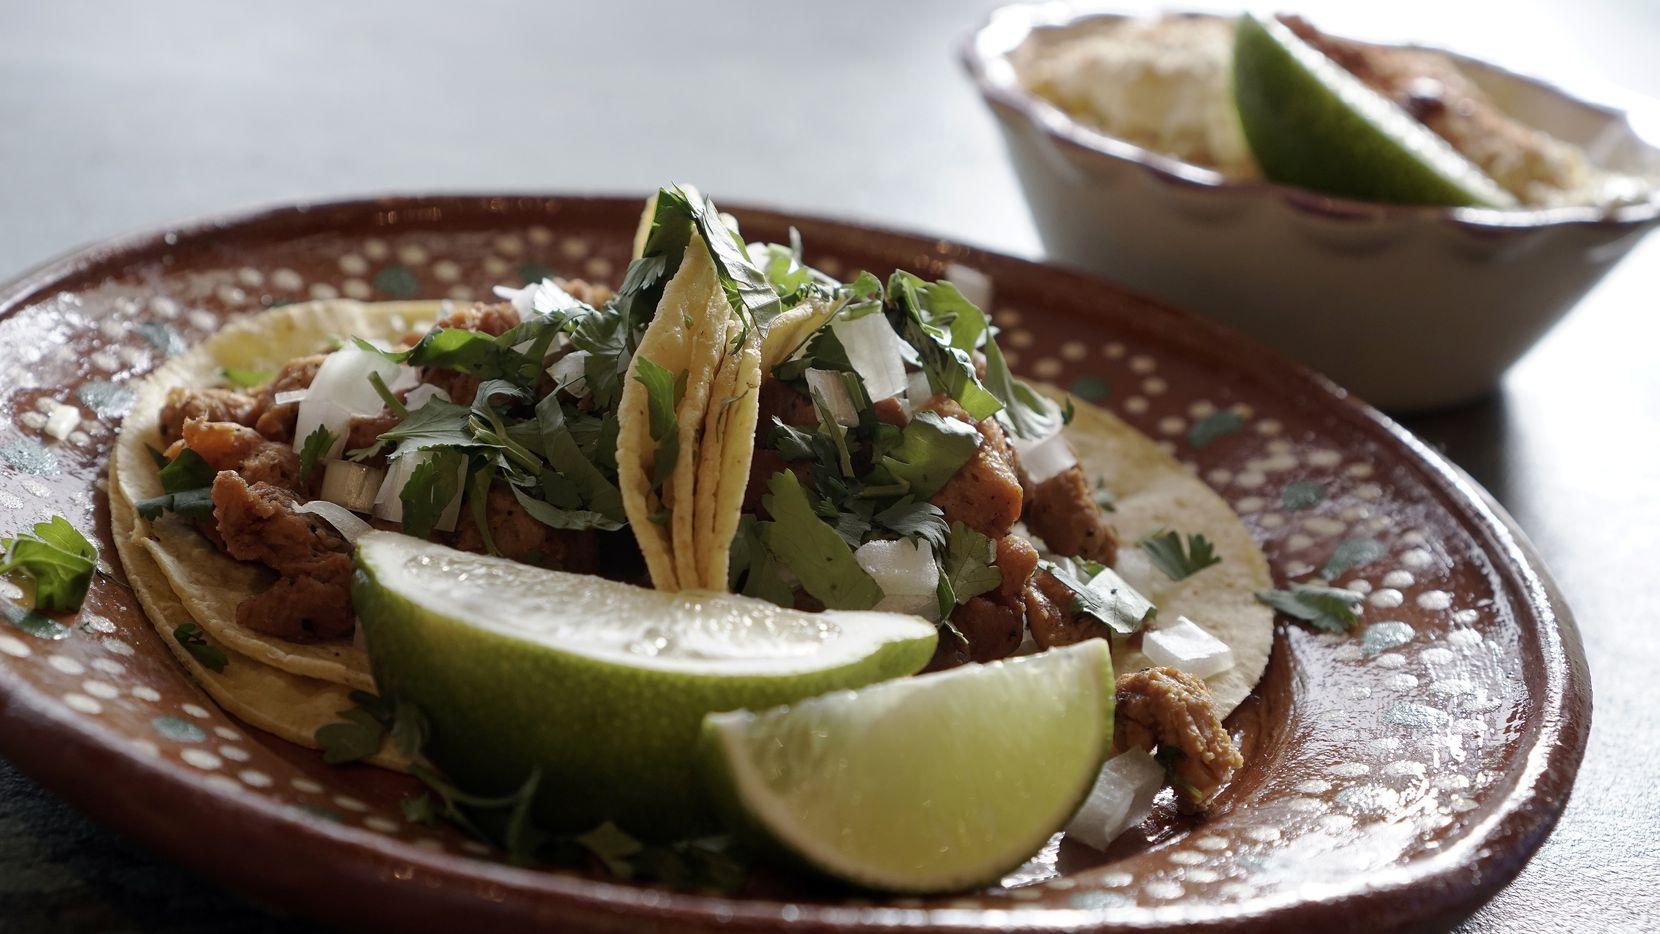 Los tacos veganos de Mariachi's  Dine In, en Fort Worth son muy populares